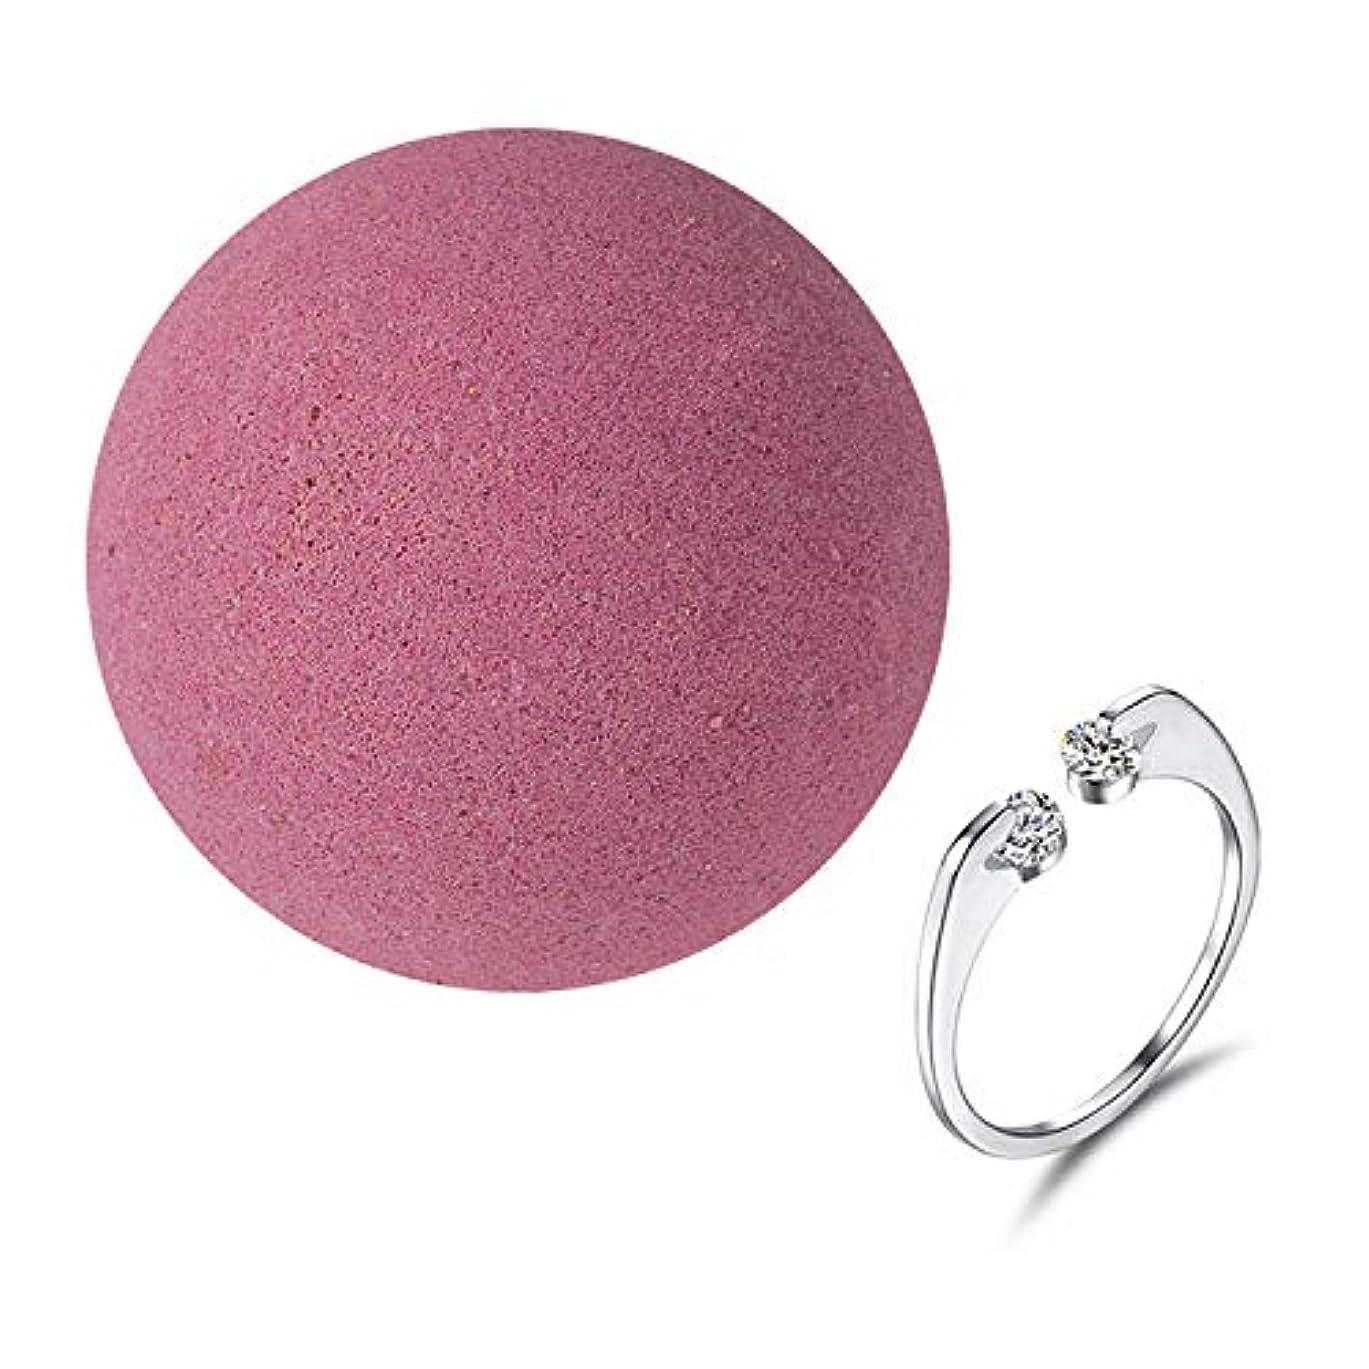 たるみ財布ミュート女性のための女性の女の子のためのリング内部とナチュラルSPAバスソルト爆弾女性の贈り物は、乾燥した肌のストレス緩和柔らかいケラチンボディリラックスピンク